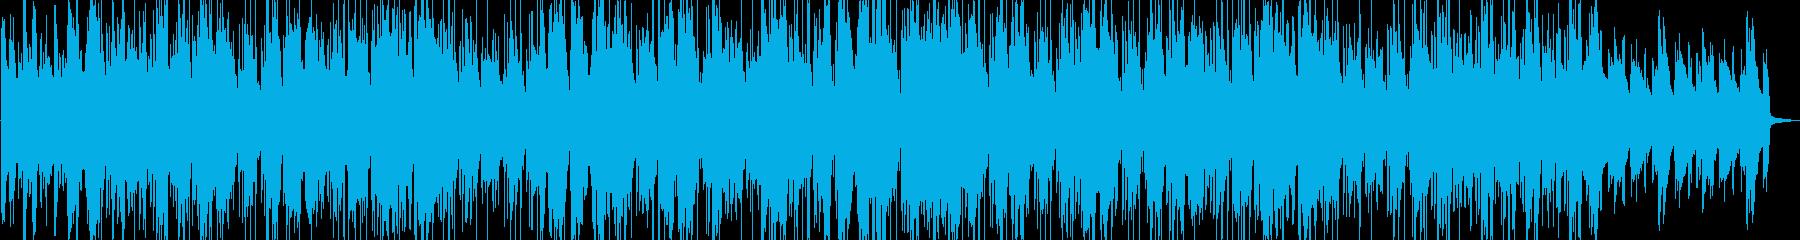 ムーディーなサックスとタランペットのんの再生済みの波形